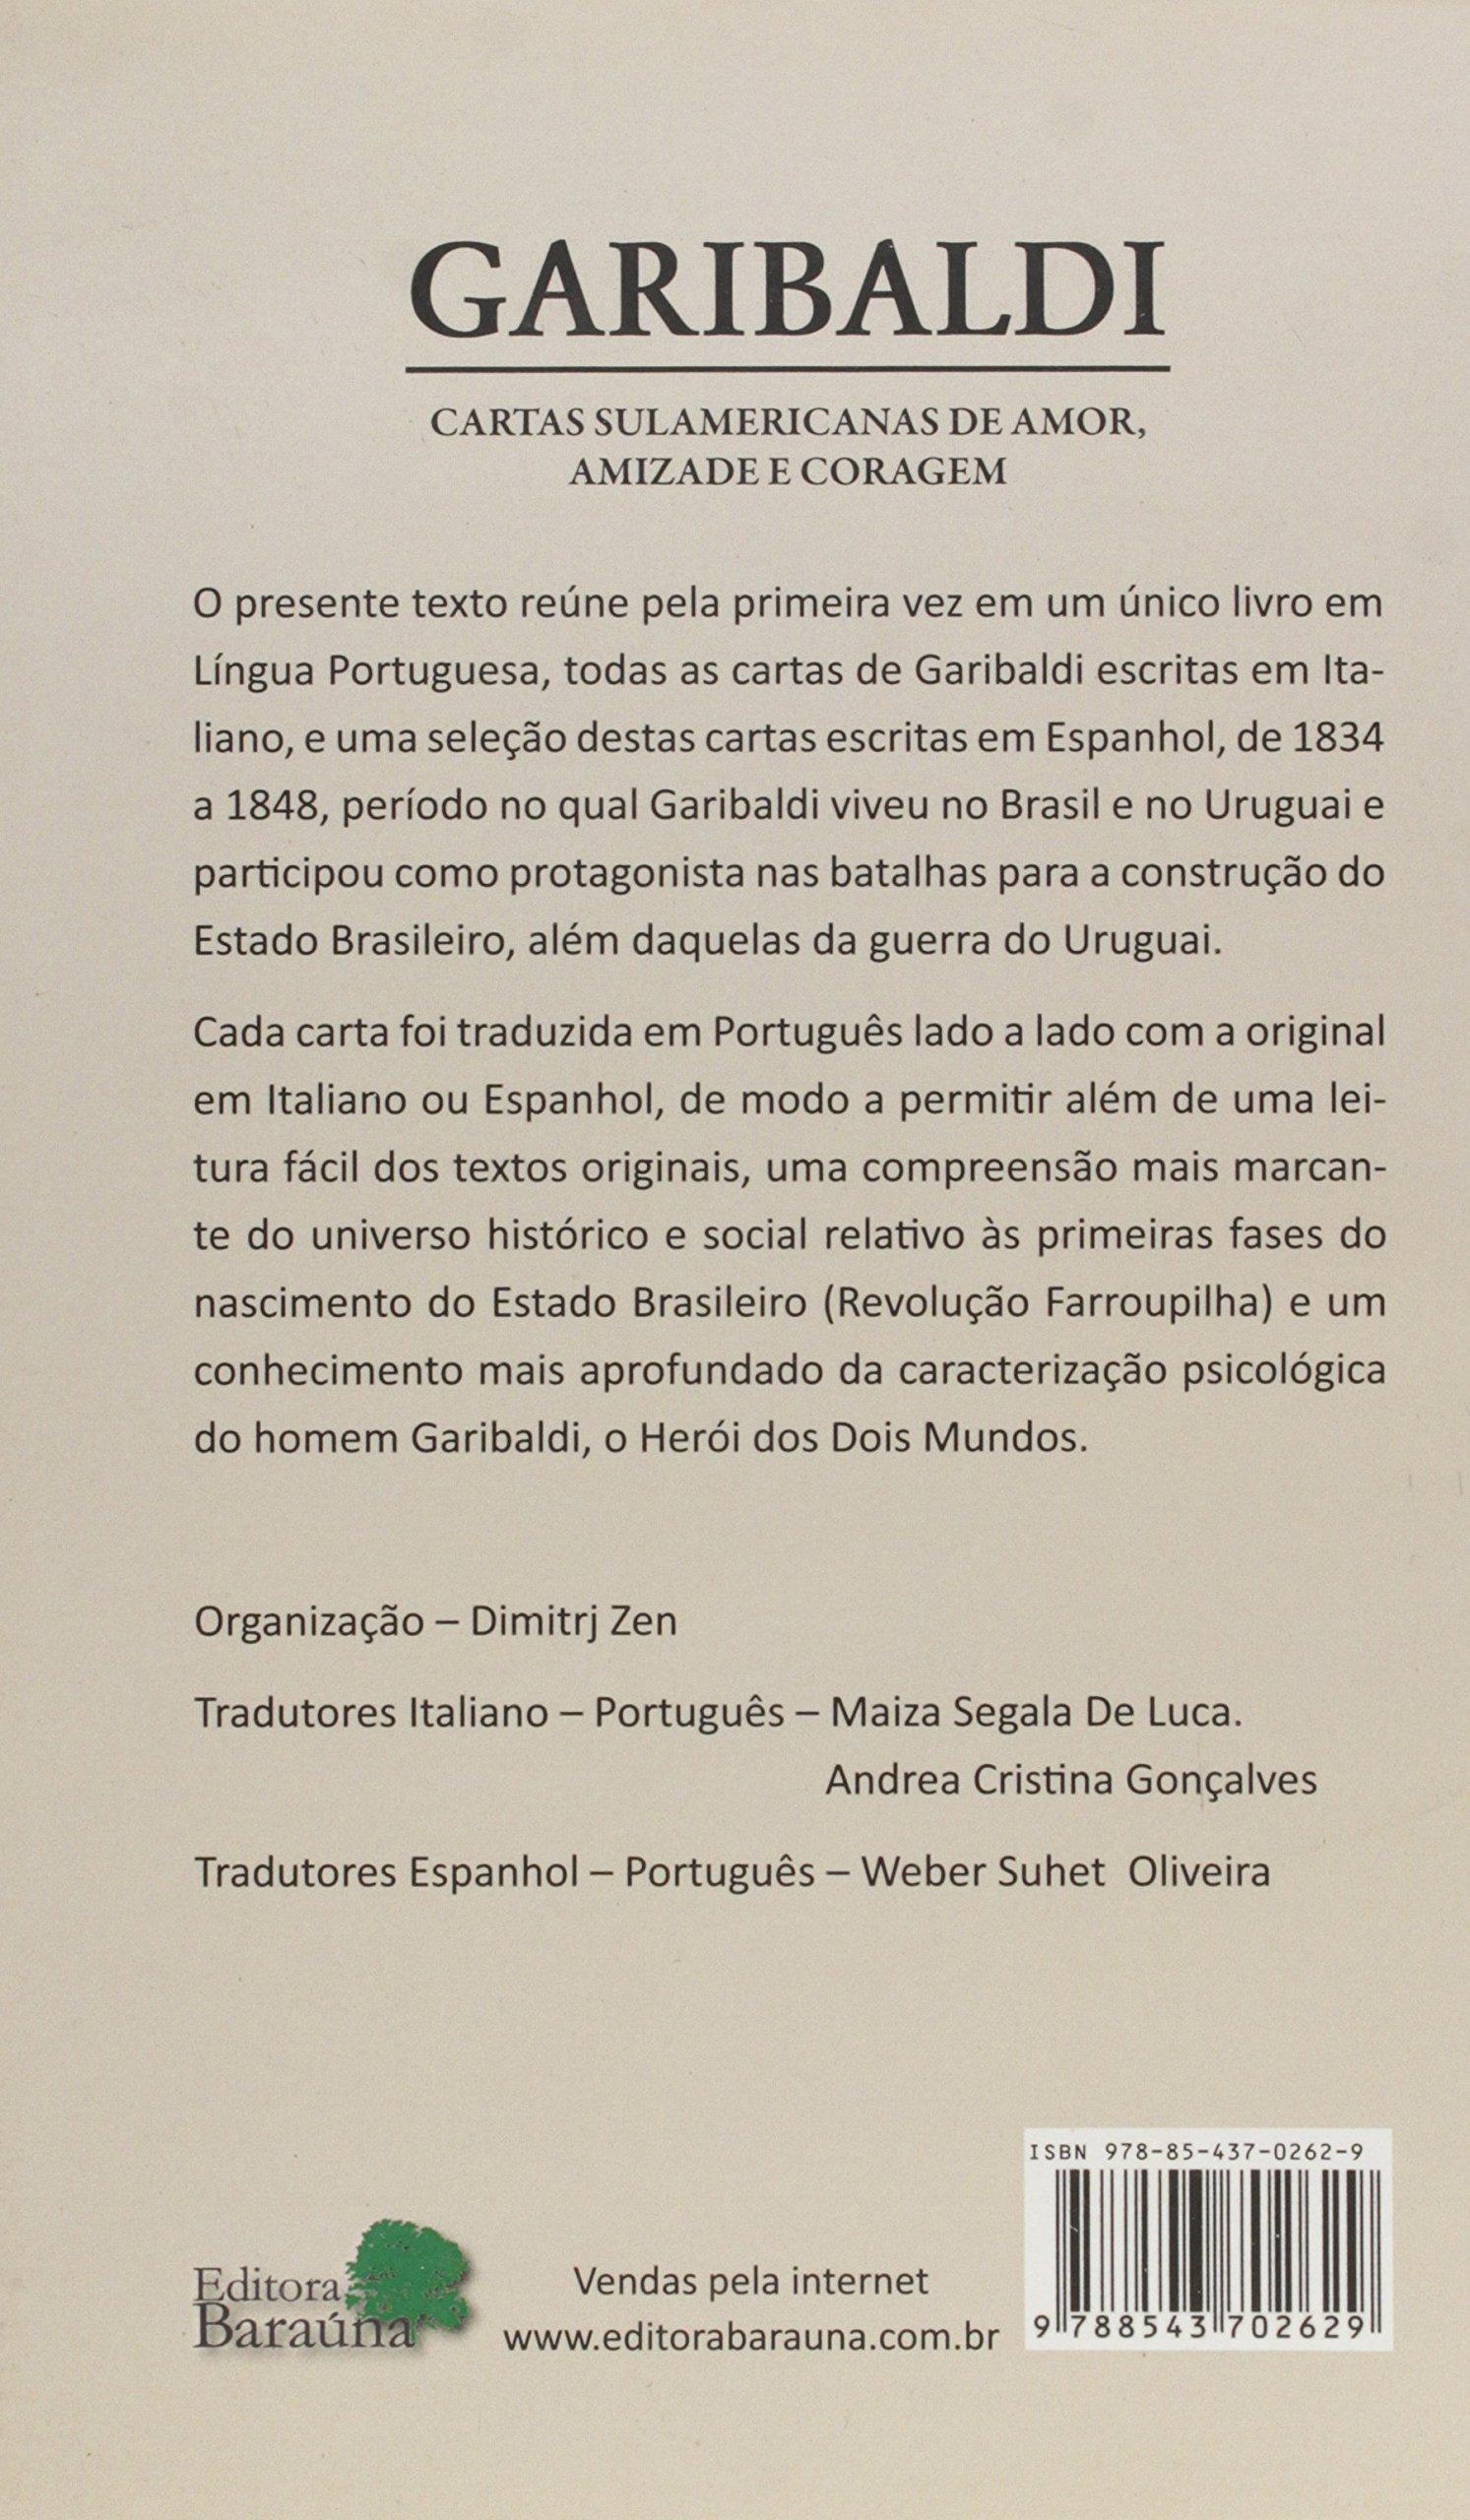 Garibaldi: Dimitrj Zen: 9788543702629: Amazon.com: Books